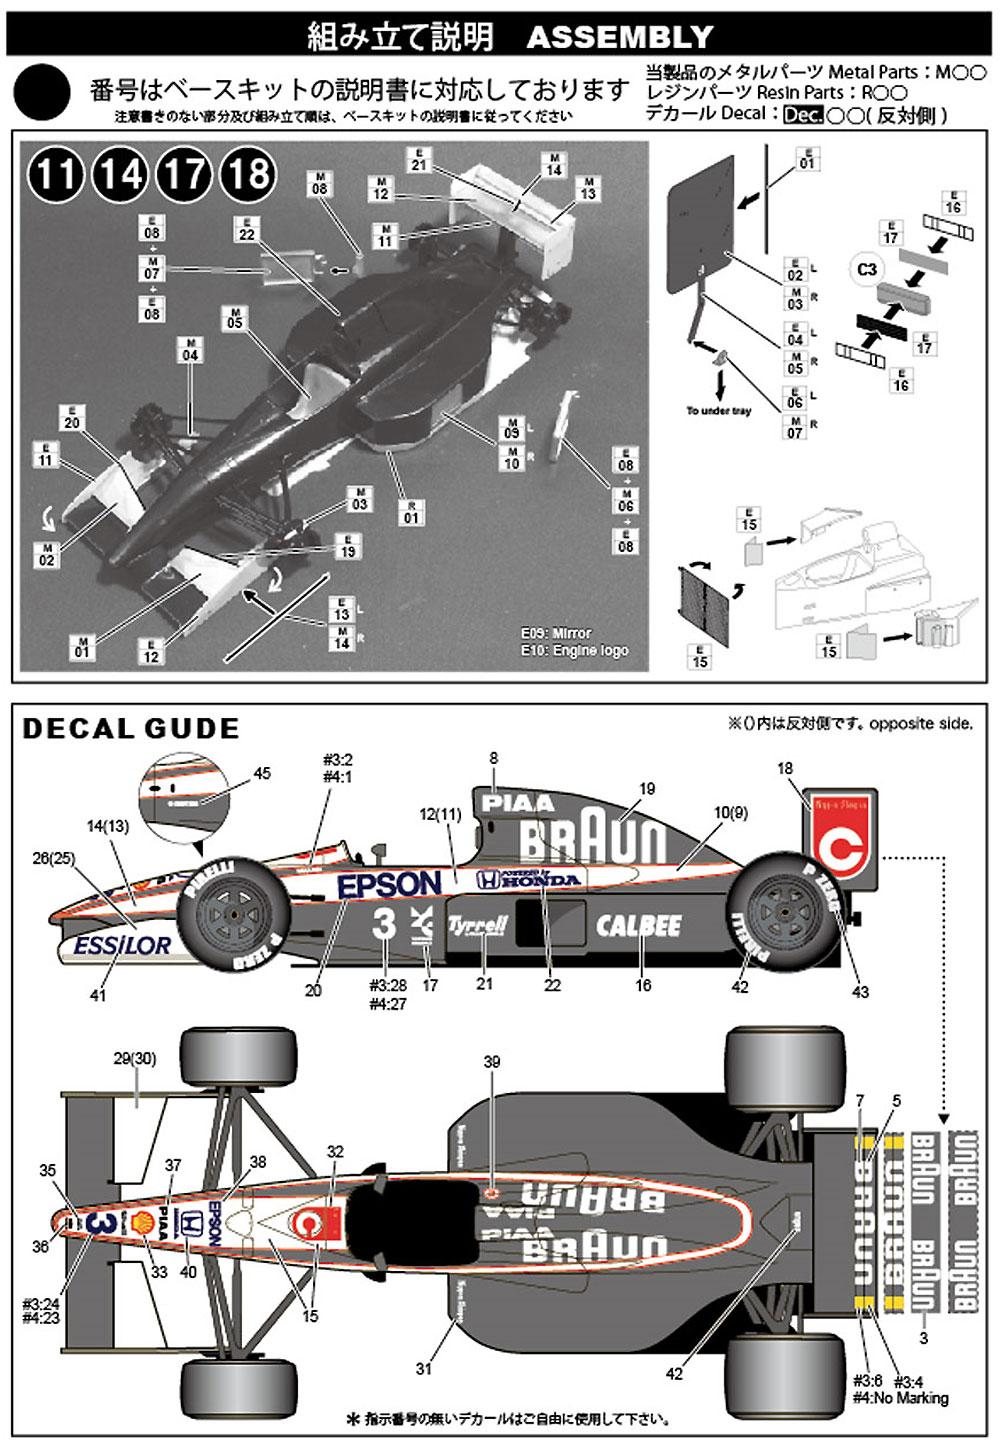 ティレル 020 日本GP 1991 (トランスキット)トランスキット(スタジオ27F-1 トランスキットNo.TK2030R)商品画像_3